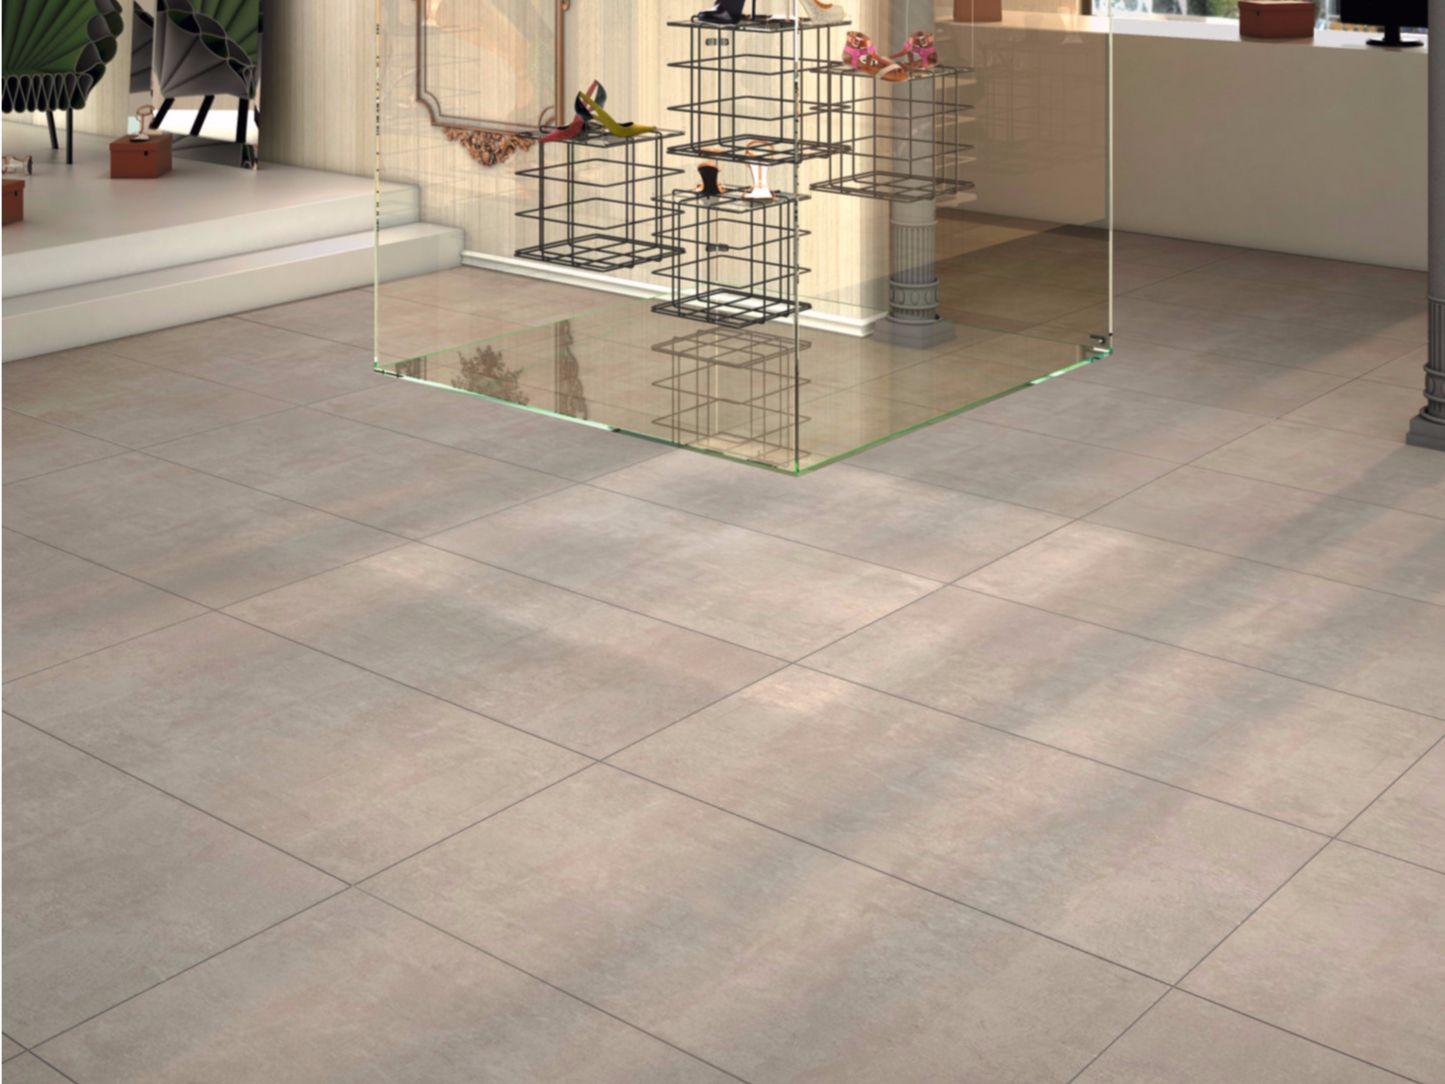 Way pavimento by recer for Pavimento de cemento